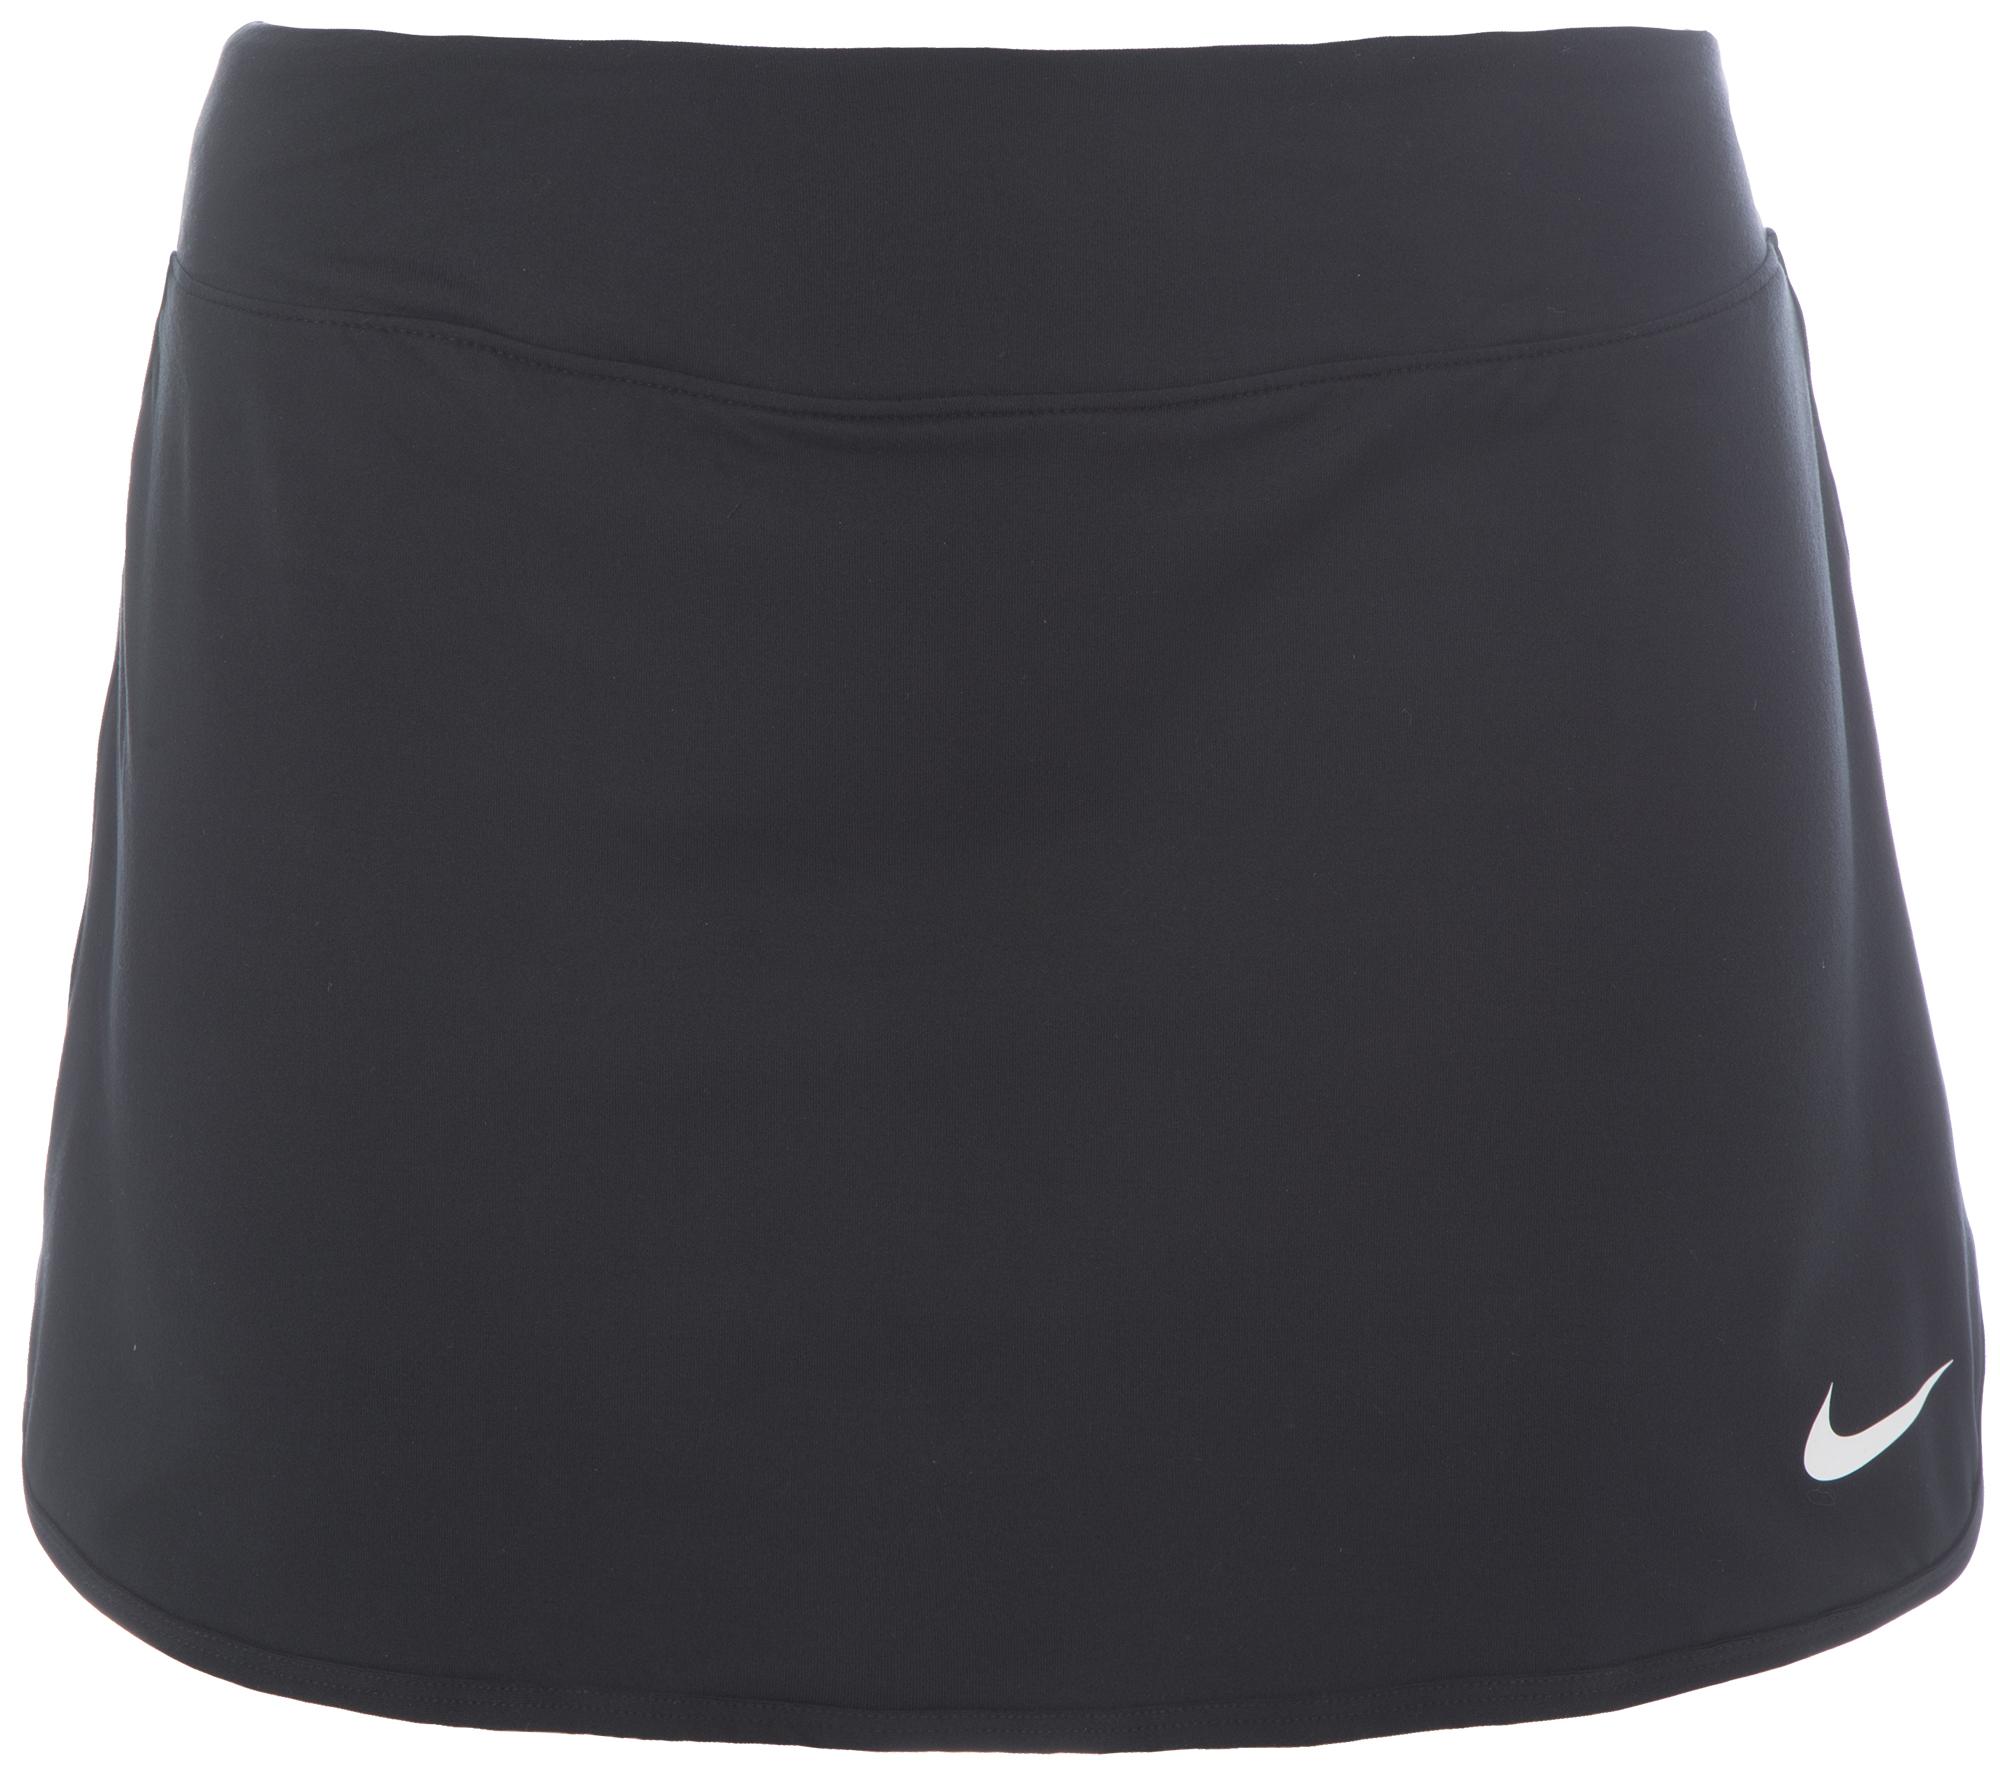 Nike Юбка-шорты женская Nike Pure, размер 40-42 недорго, оригинальная цена